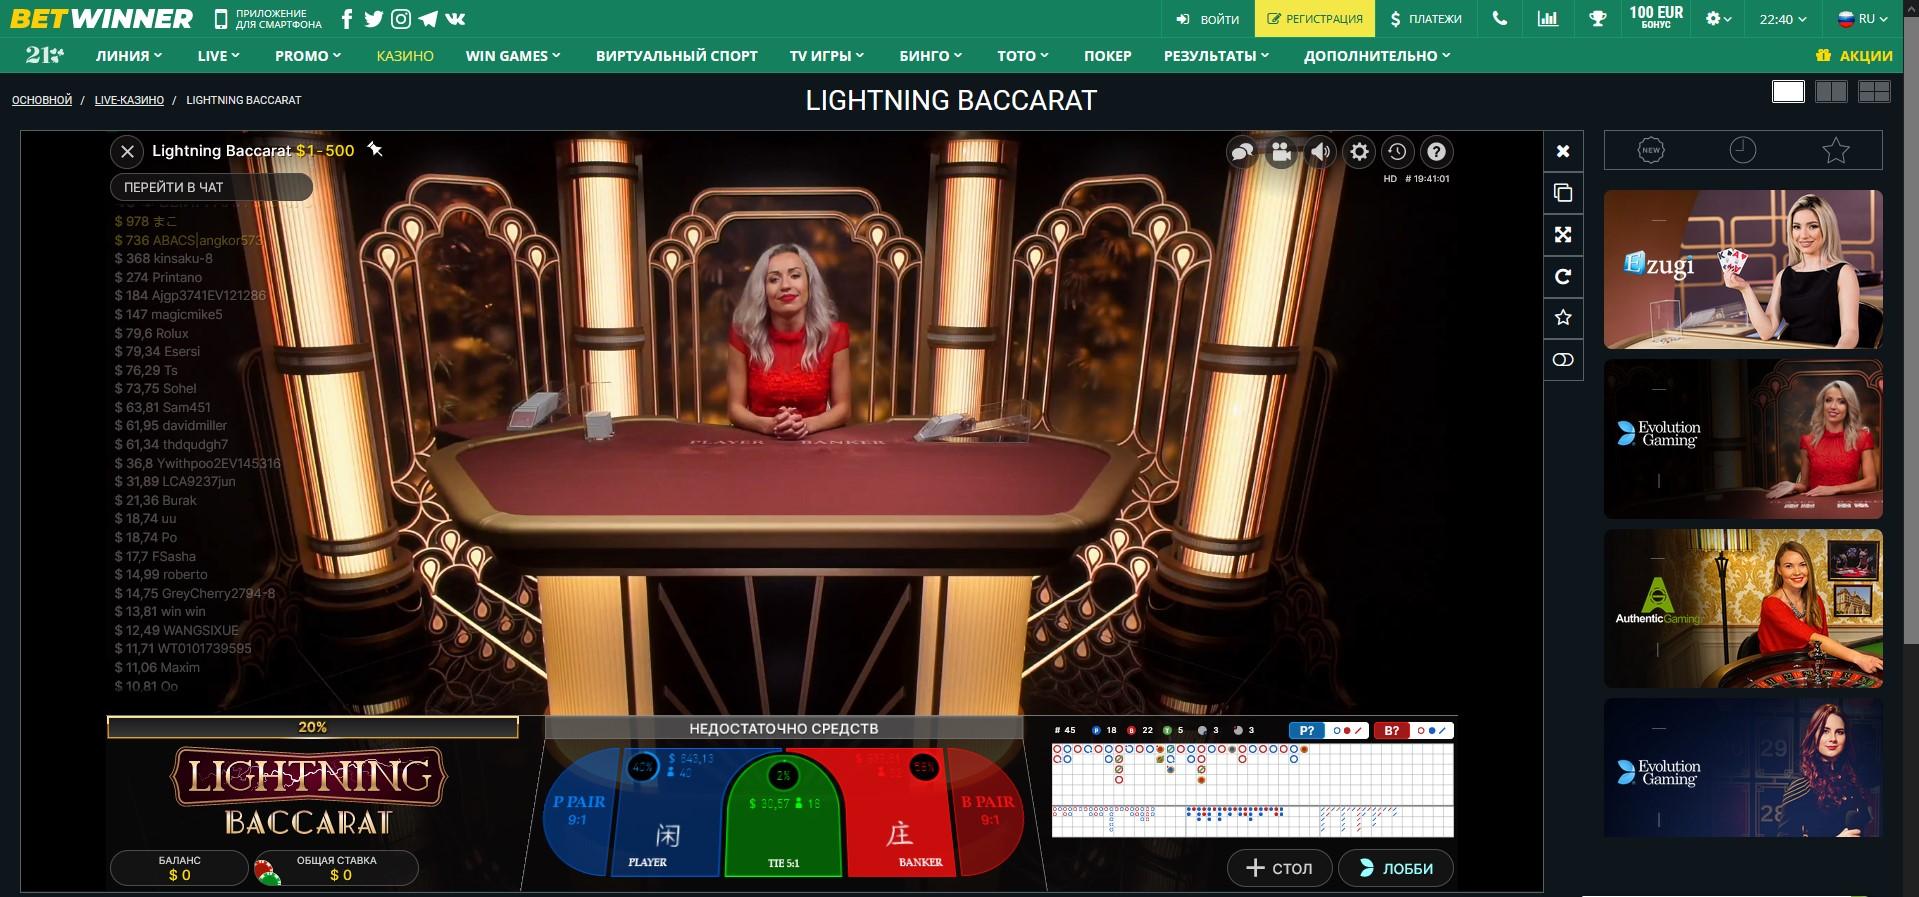 live casino betwinner